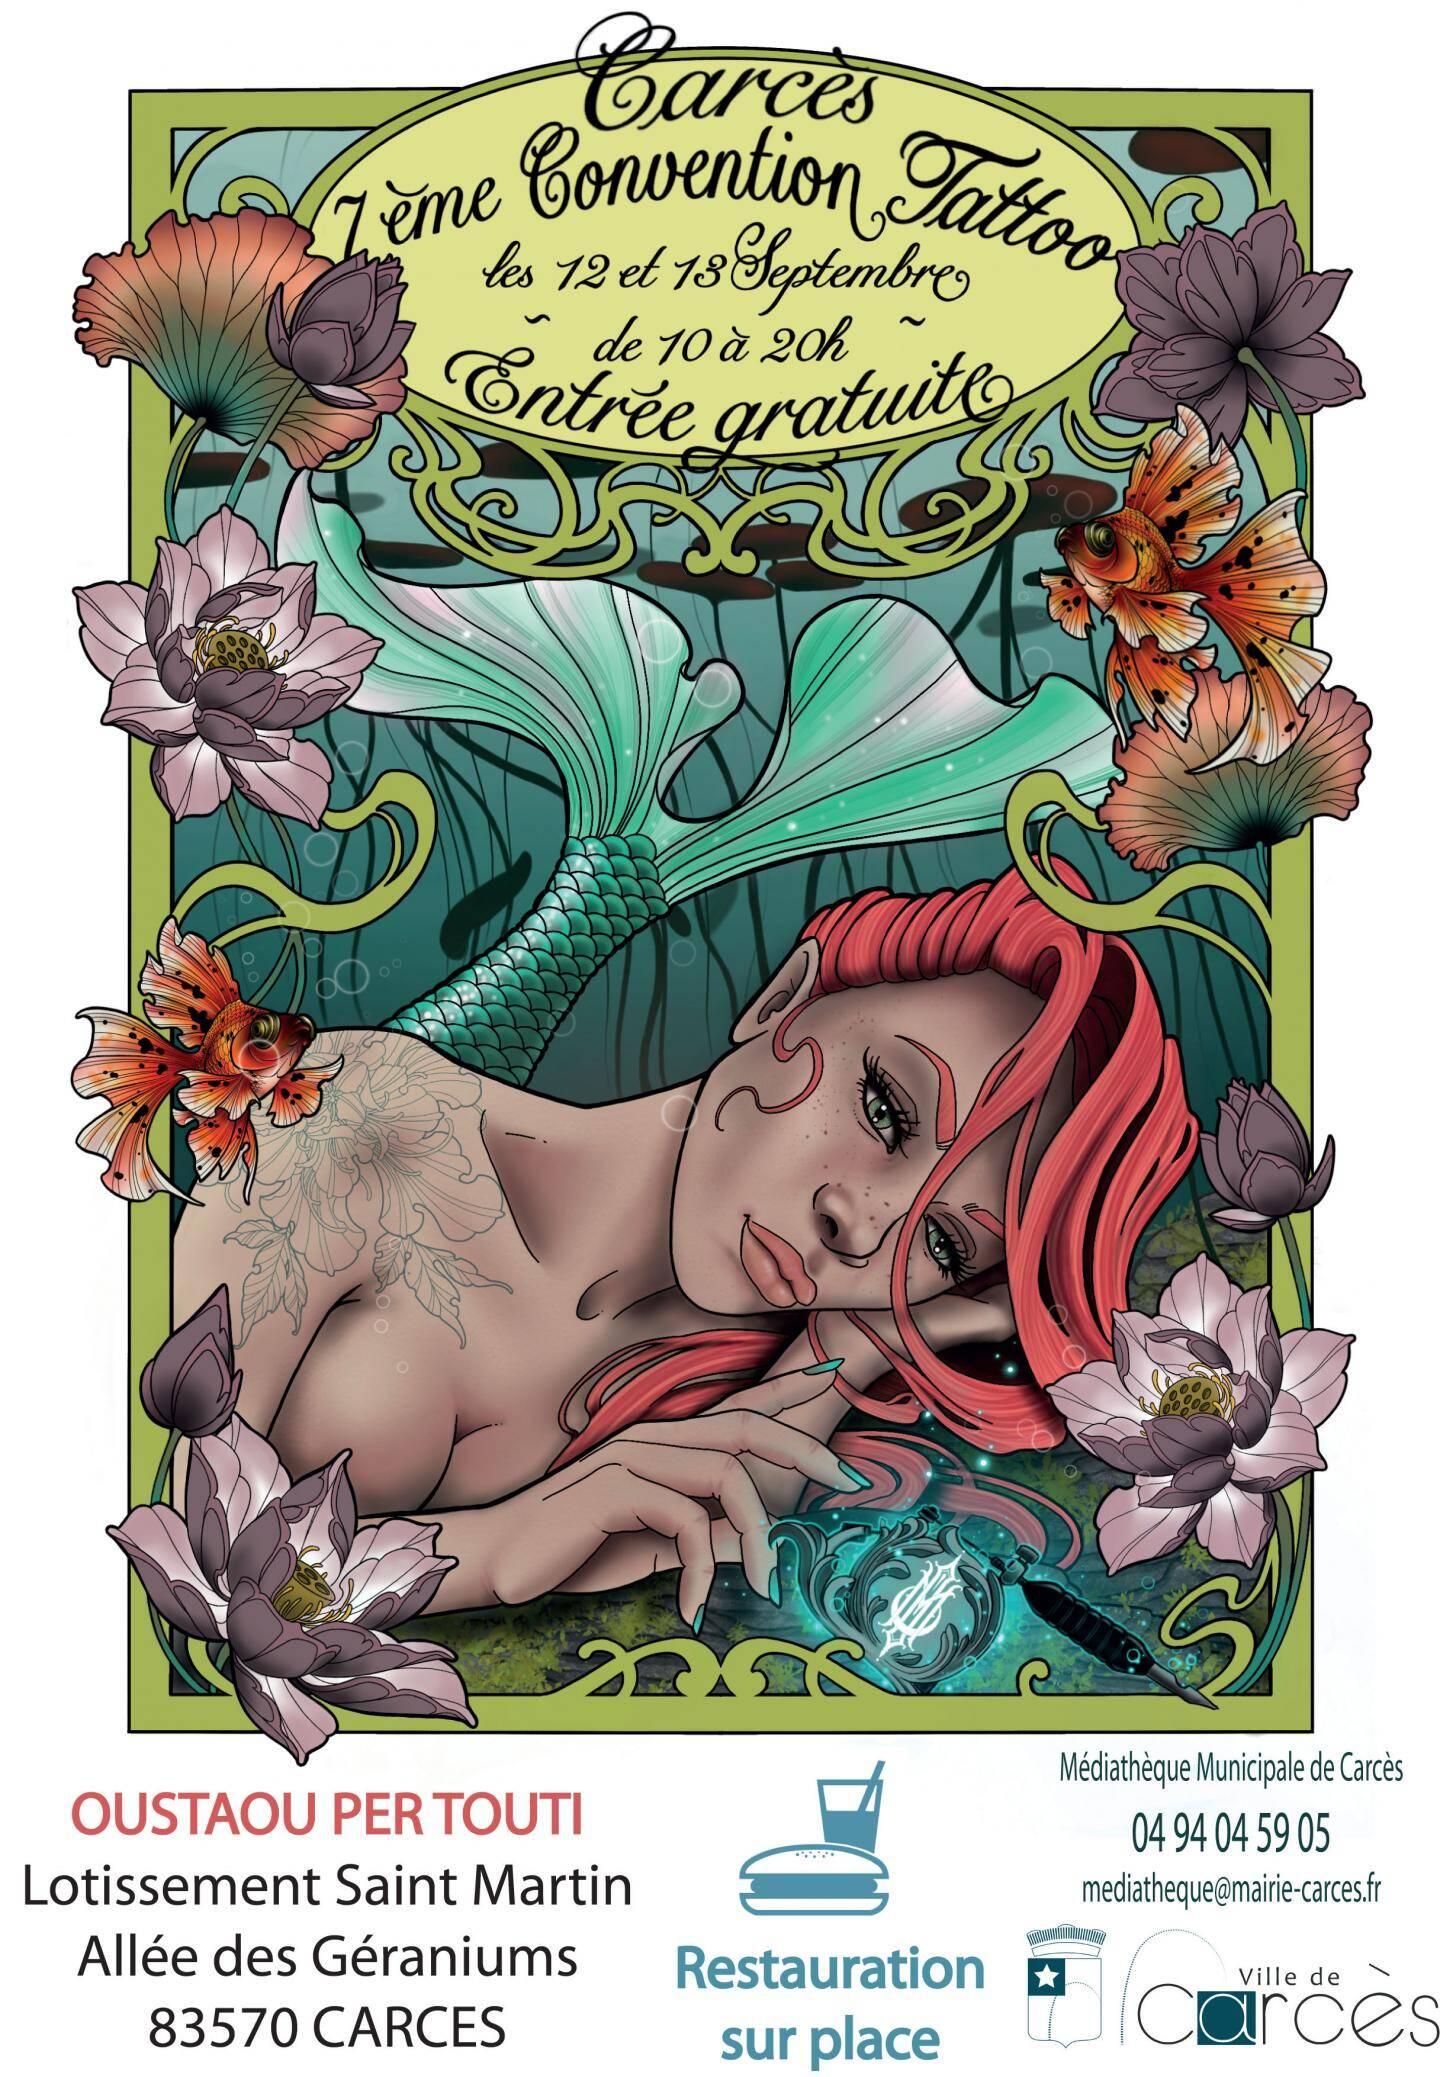 L'affiche de la convention Tatoo à Carcès